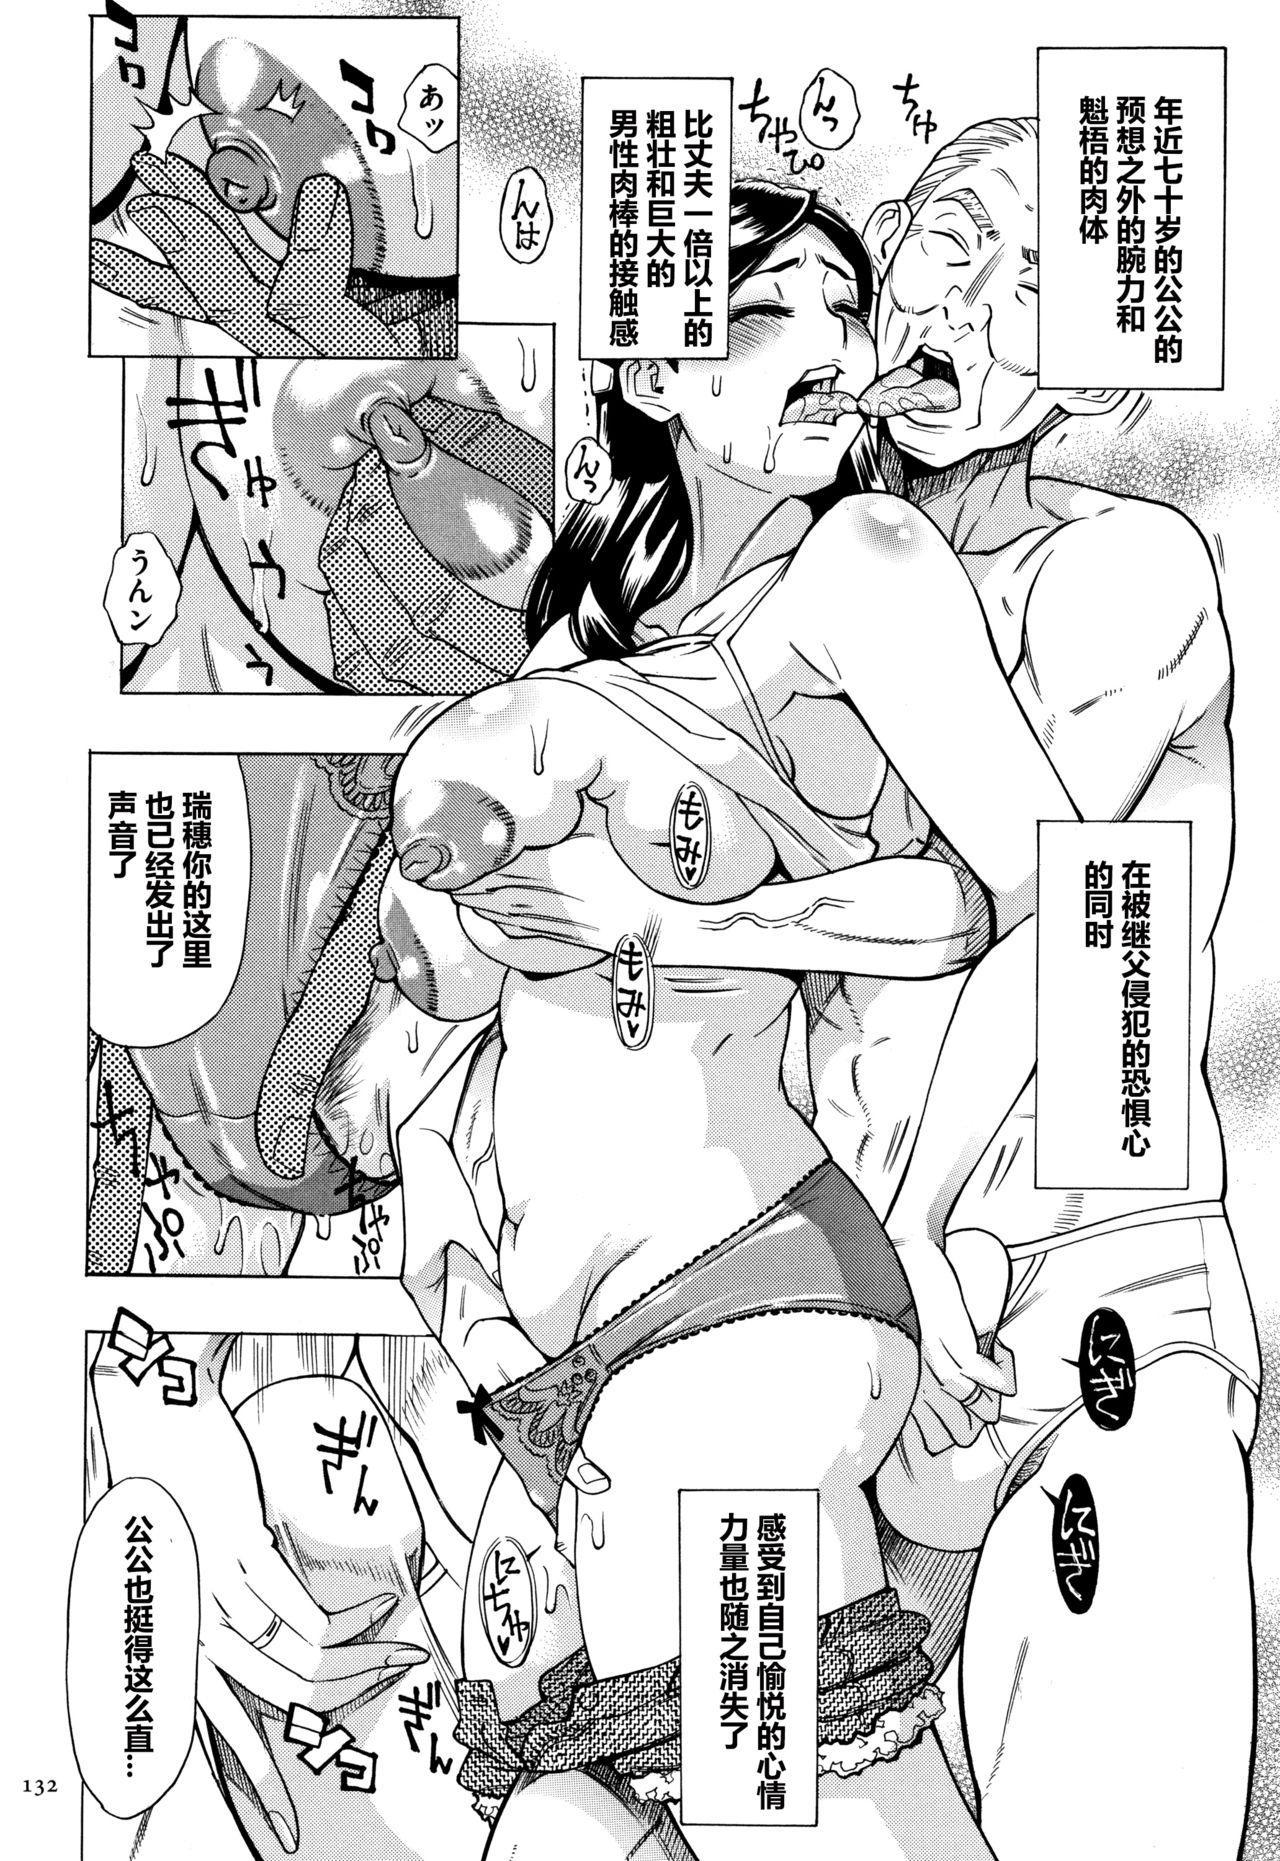 Oba-san dakedo, Daite Hoshii. 132